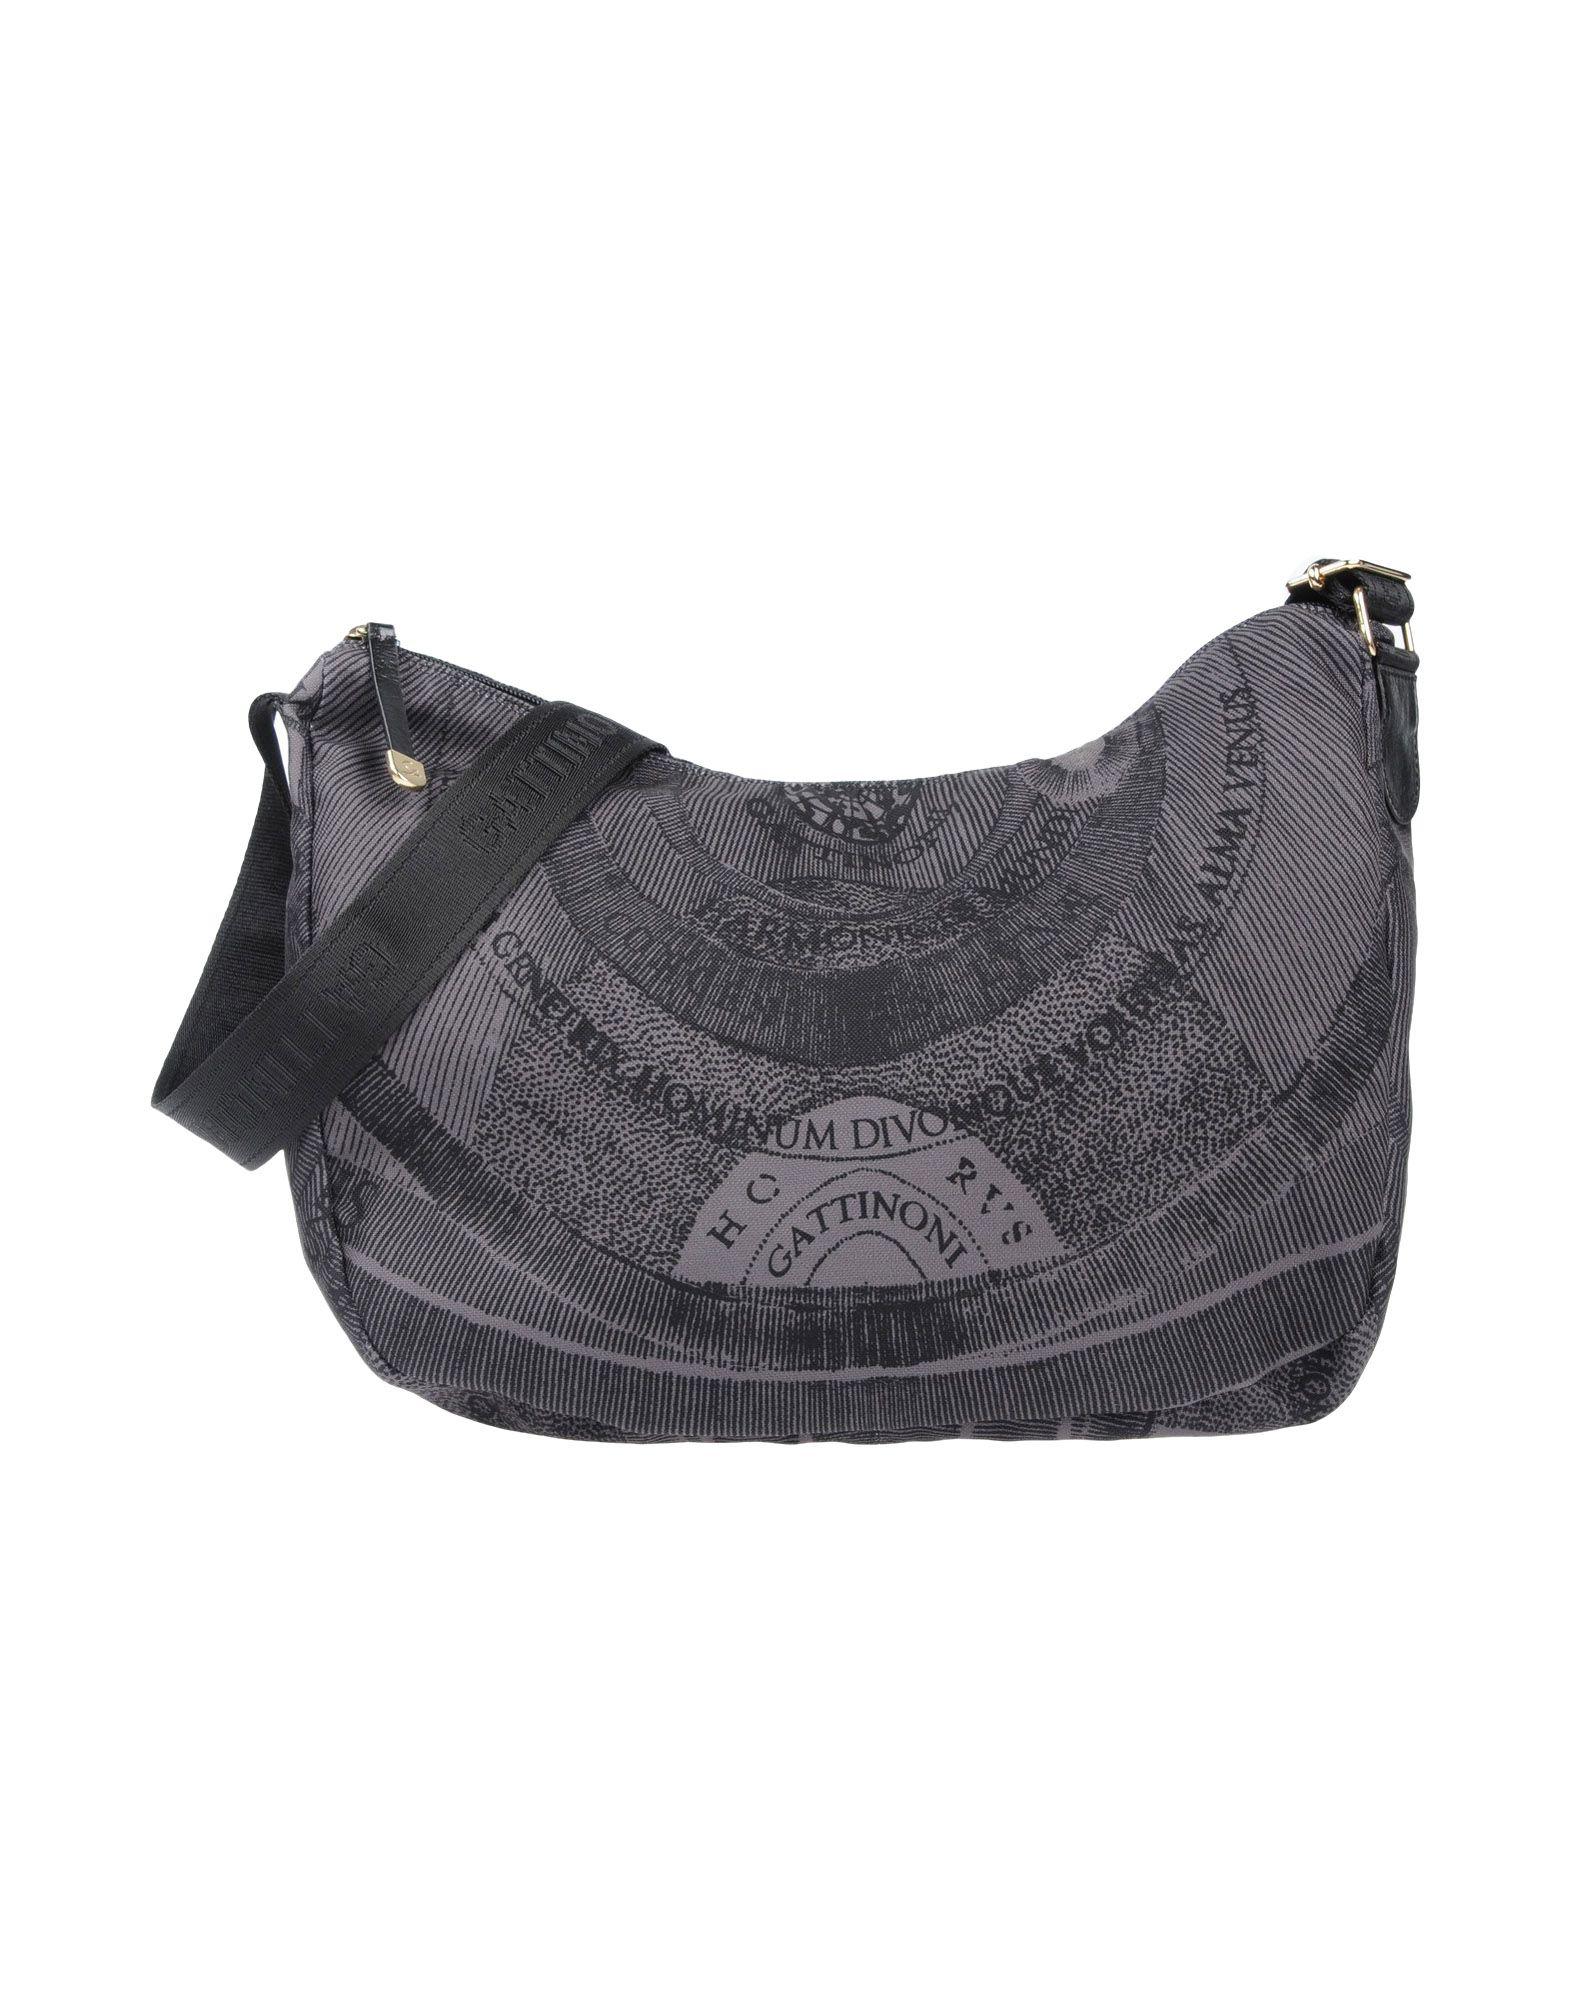 GATTINONI Сумка через плечо сумка через плечо anais gvani croco ag 1471 350161